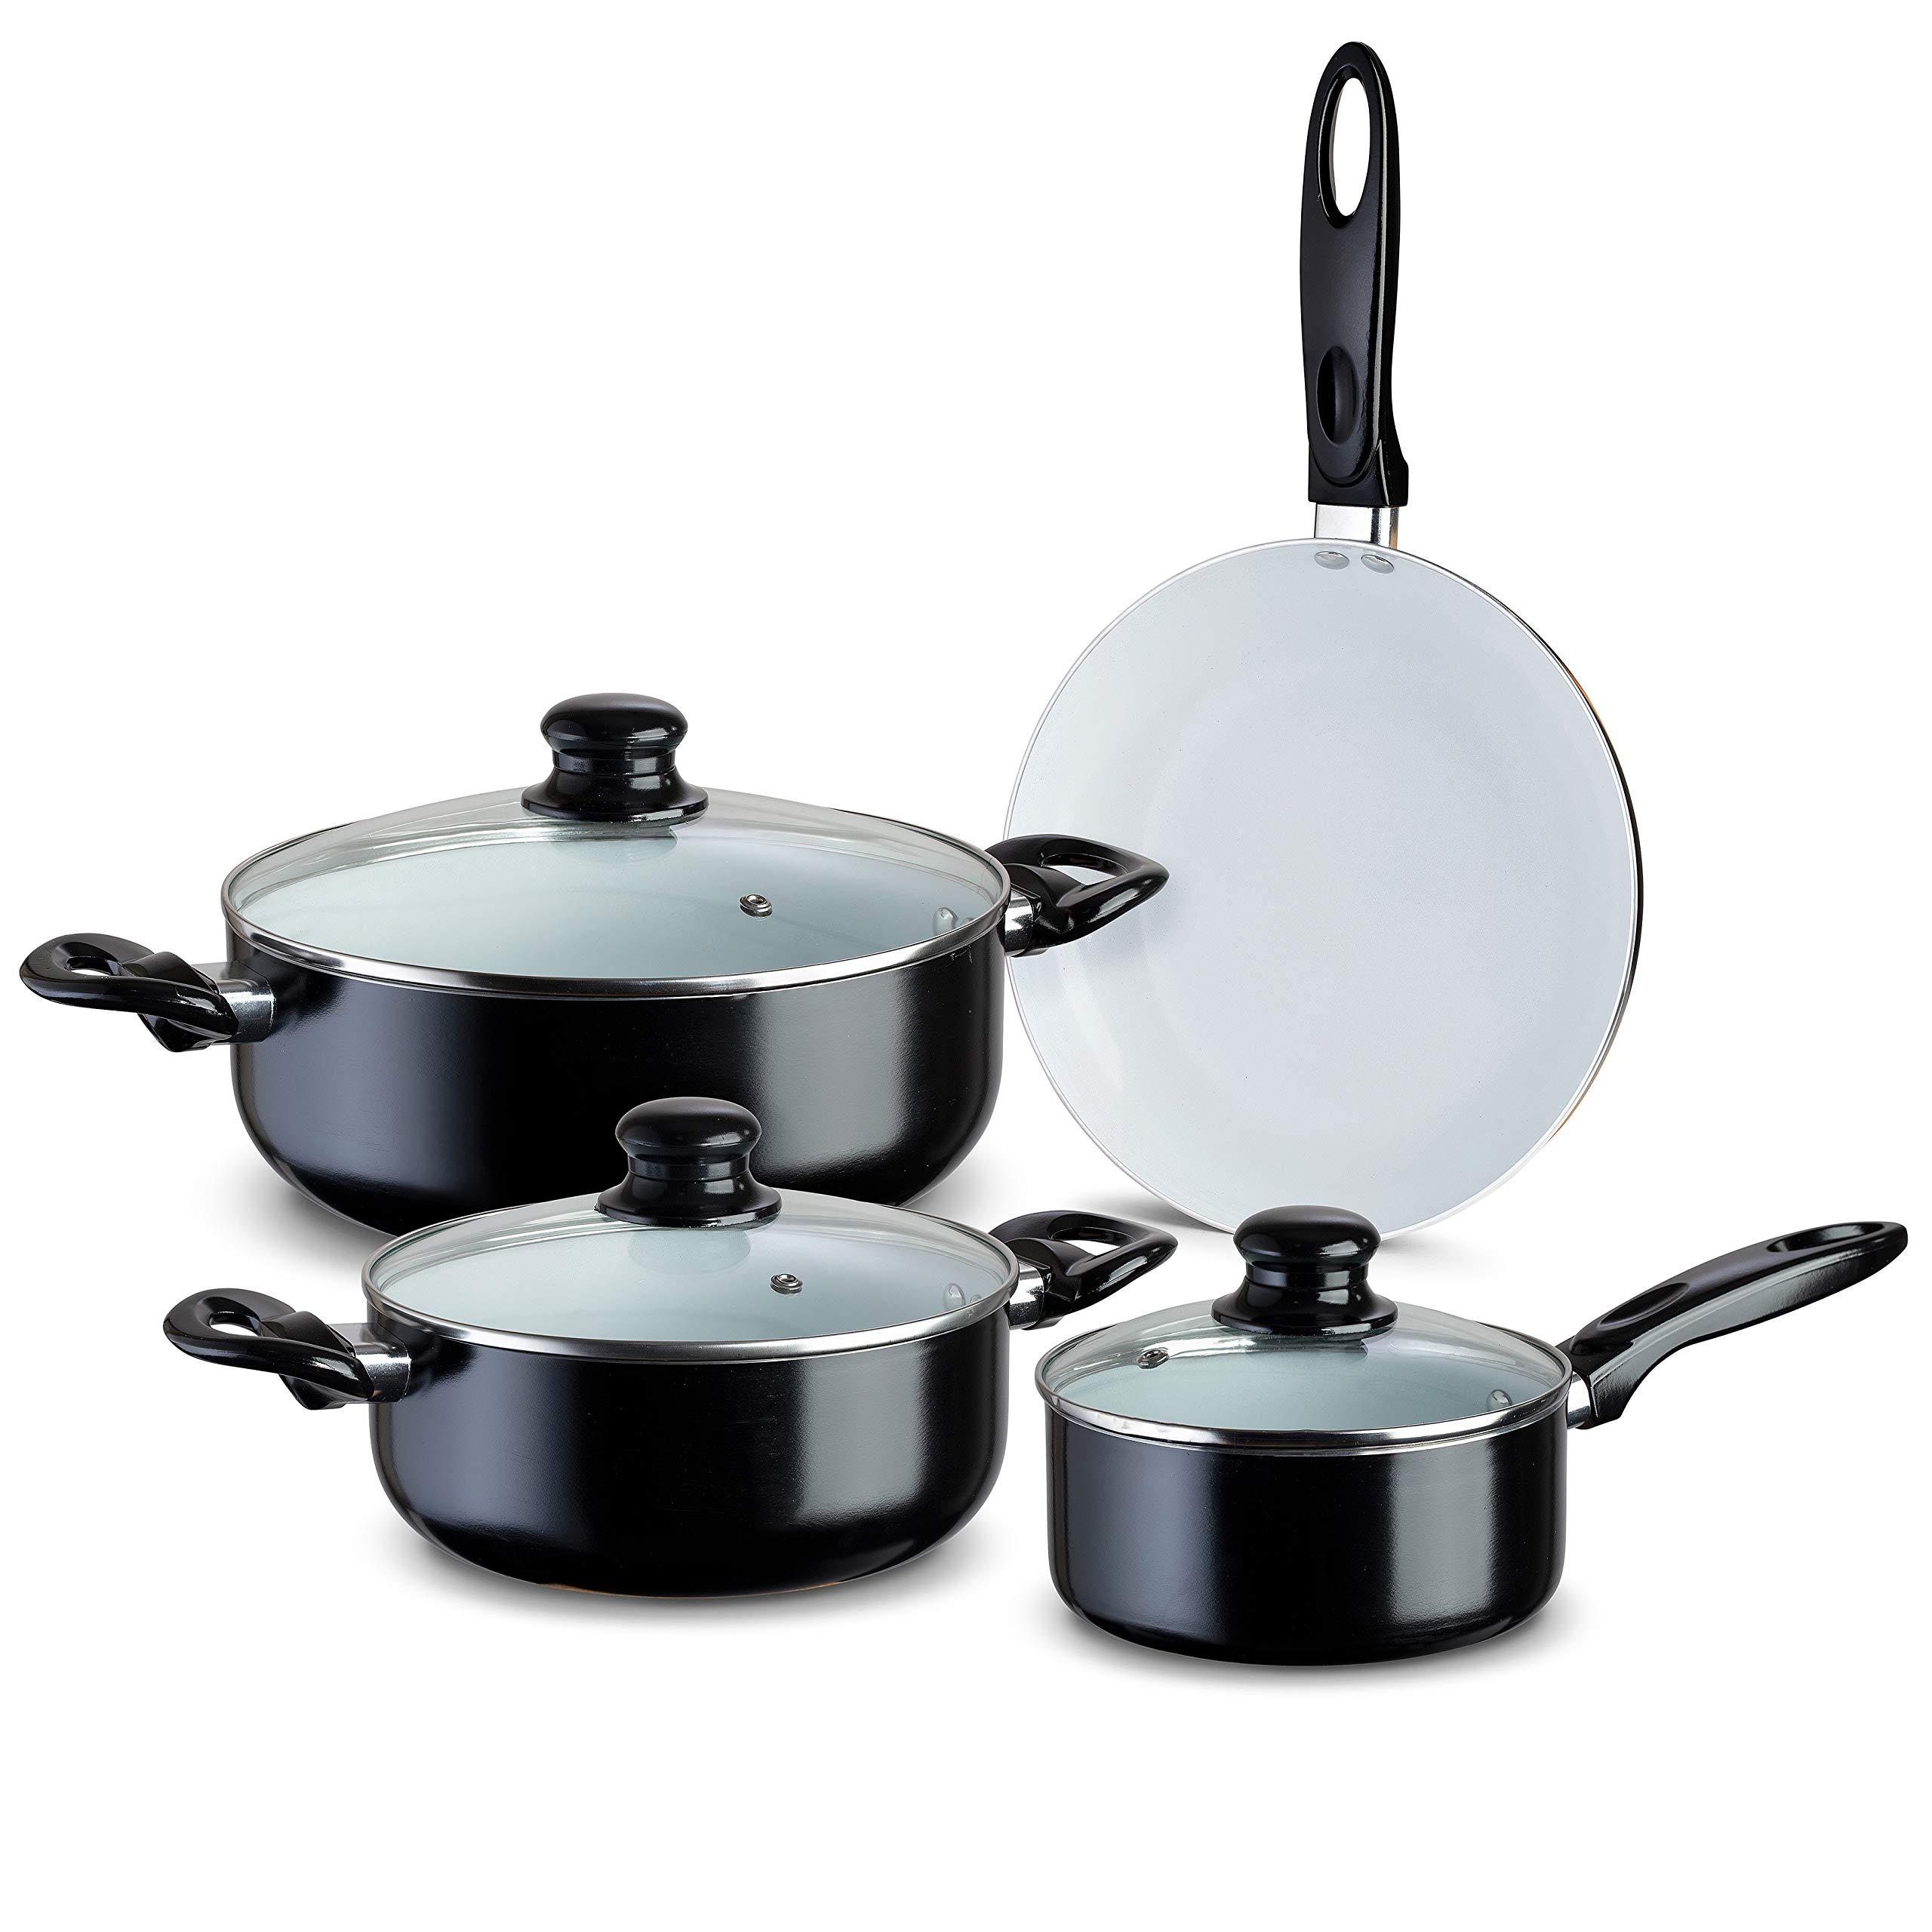 Chef's Star 7 Piece Professional Grade Aluminum Non-stick Pots & Pans Set